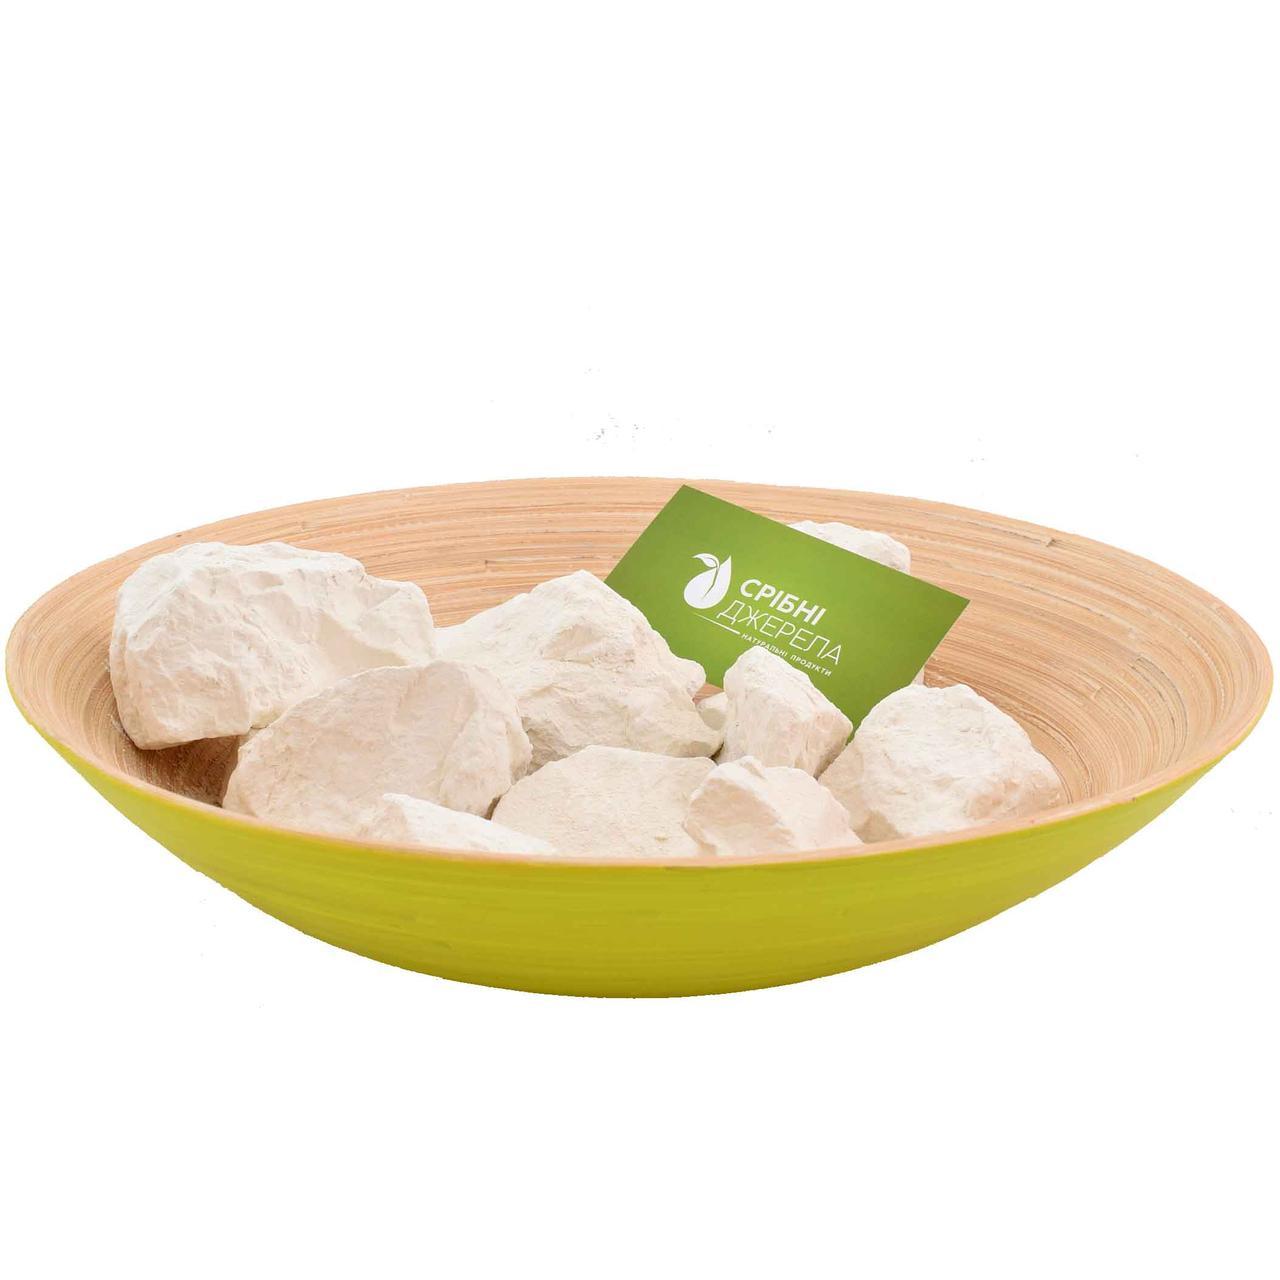 Харчова глина кускова Біла без домішок 100% натуральна 1000 г